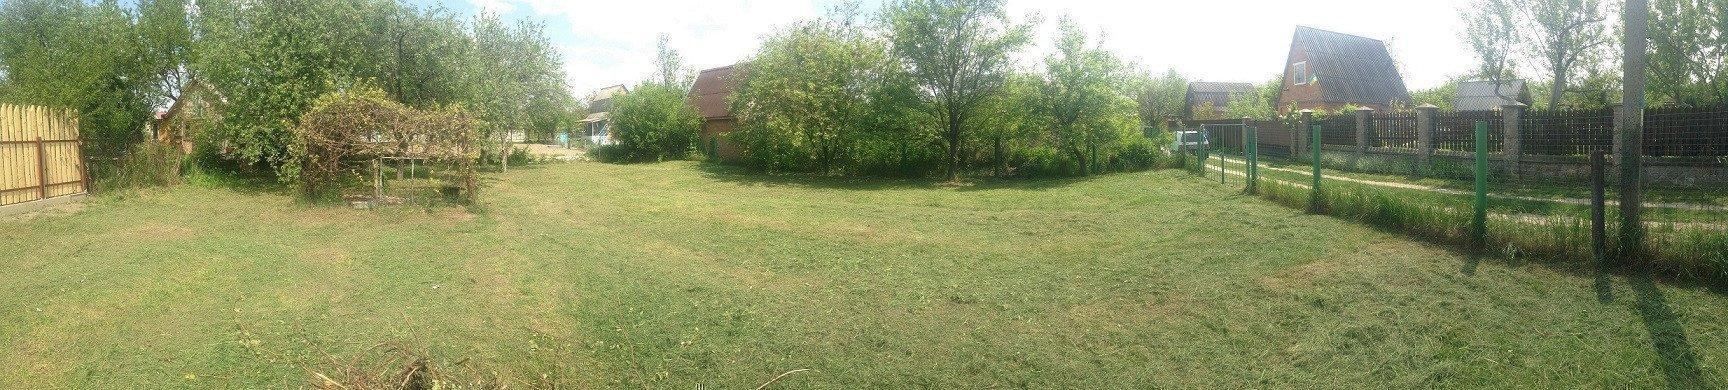 Фото: Продам земельну ділянку в місті Переяслав-Хмельницький місто. Оголошення № 6097